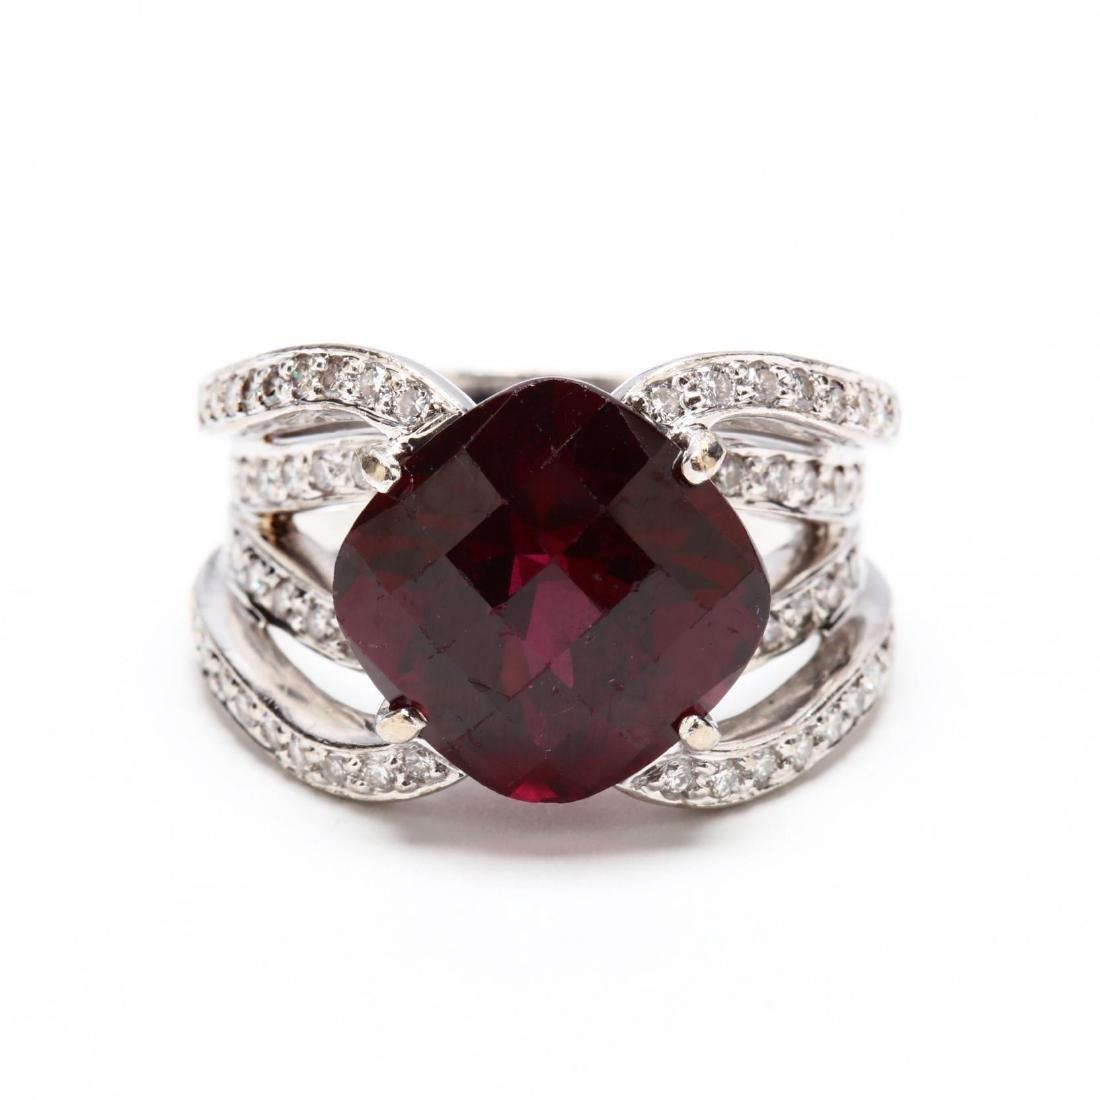 18KT White Gold, Garnet, and Diamond Ring